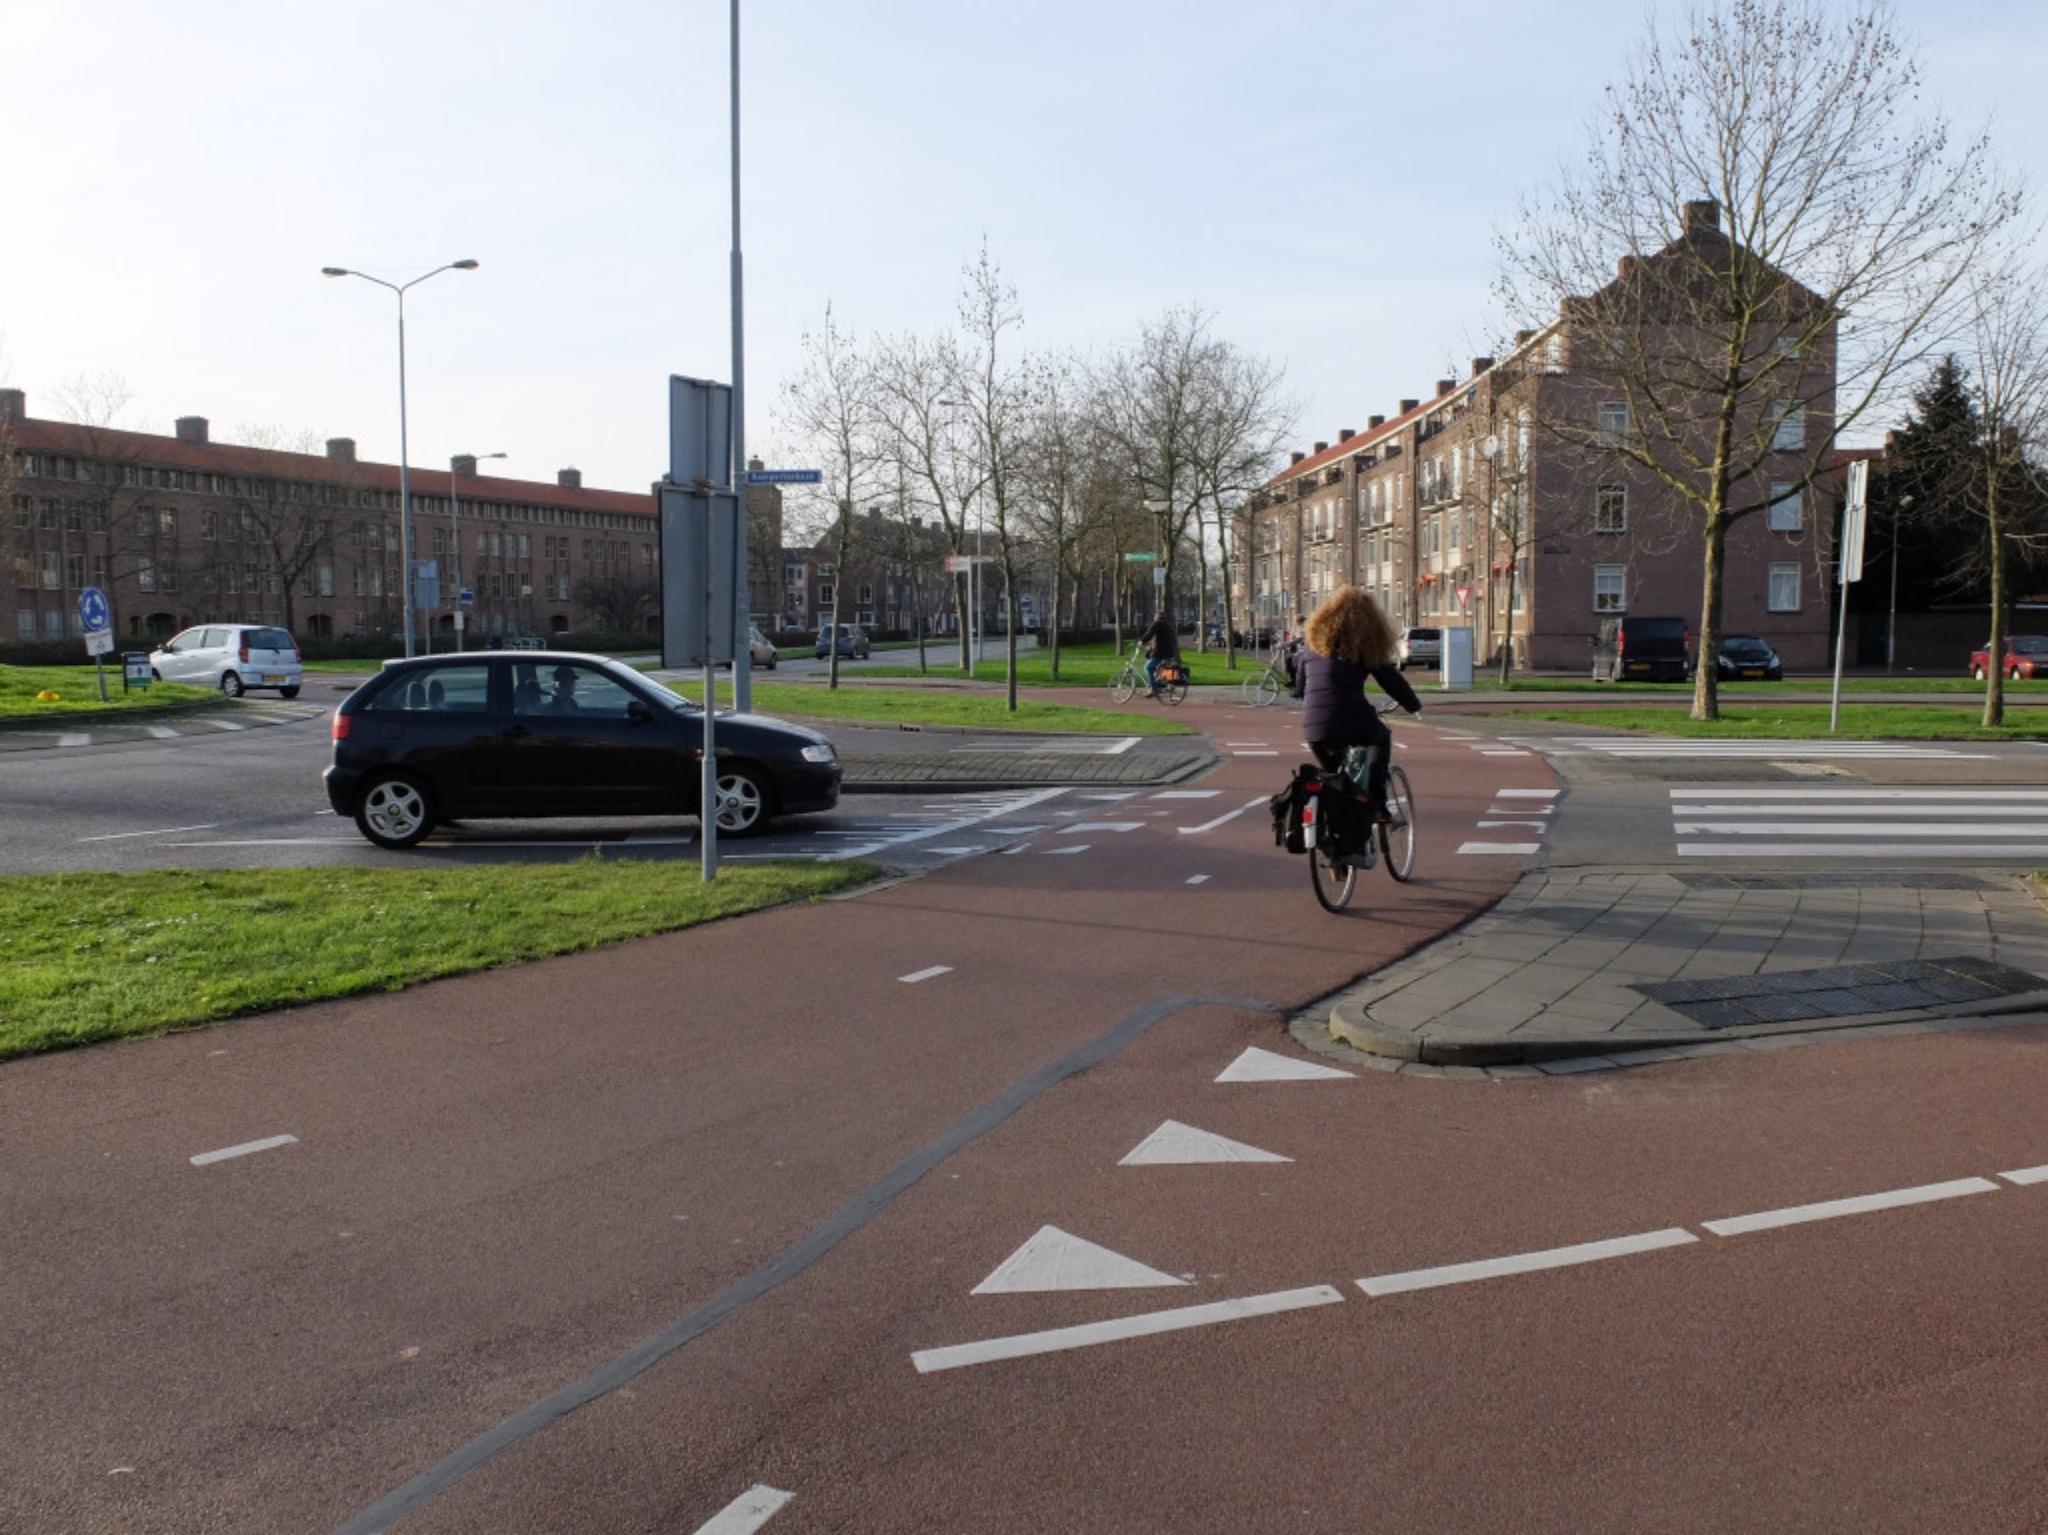 Niederländisches Kreuzungsdesign. Foto: Bündnis Verkehrswende jetzt / Bas Bergervoet